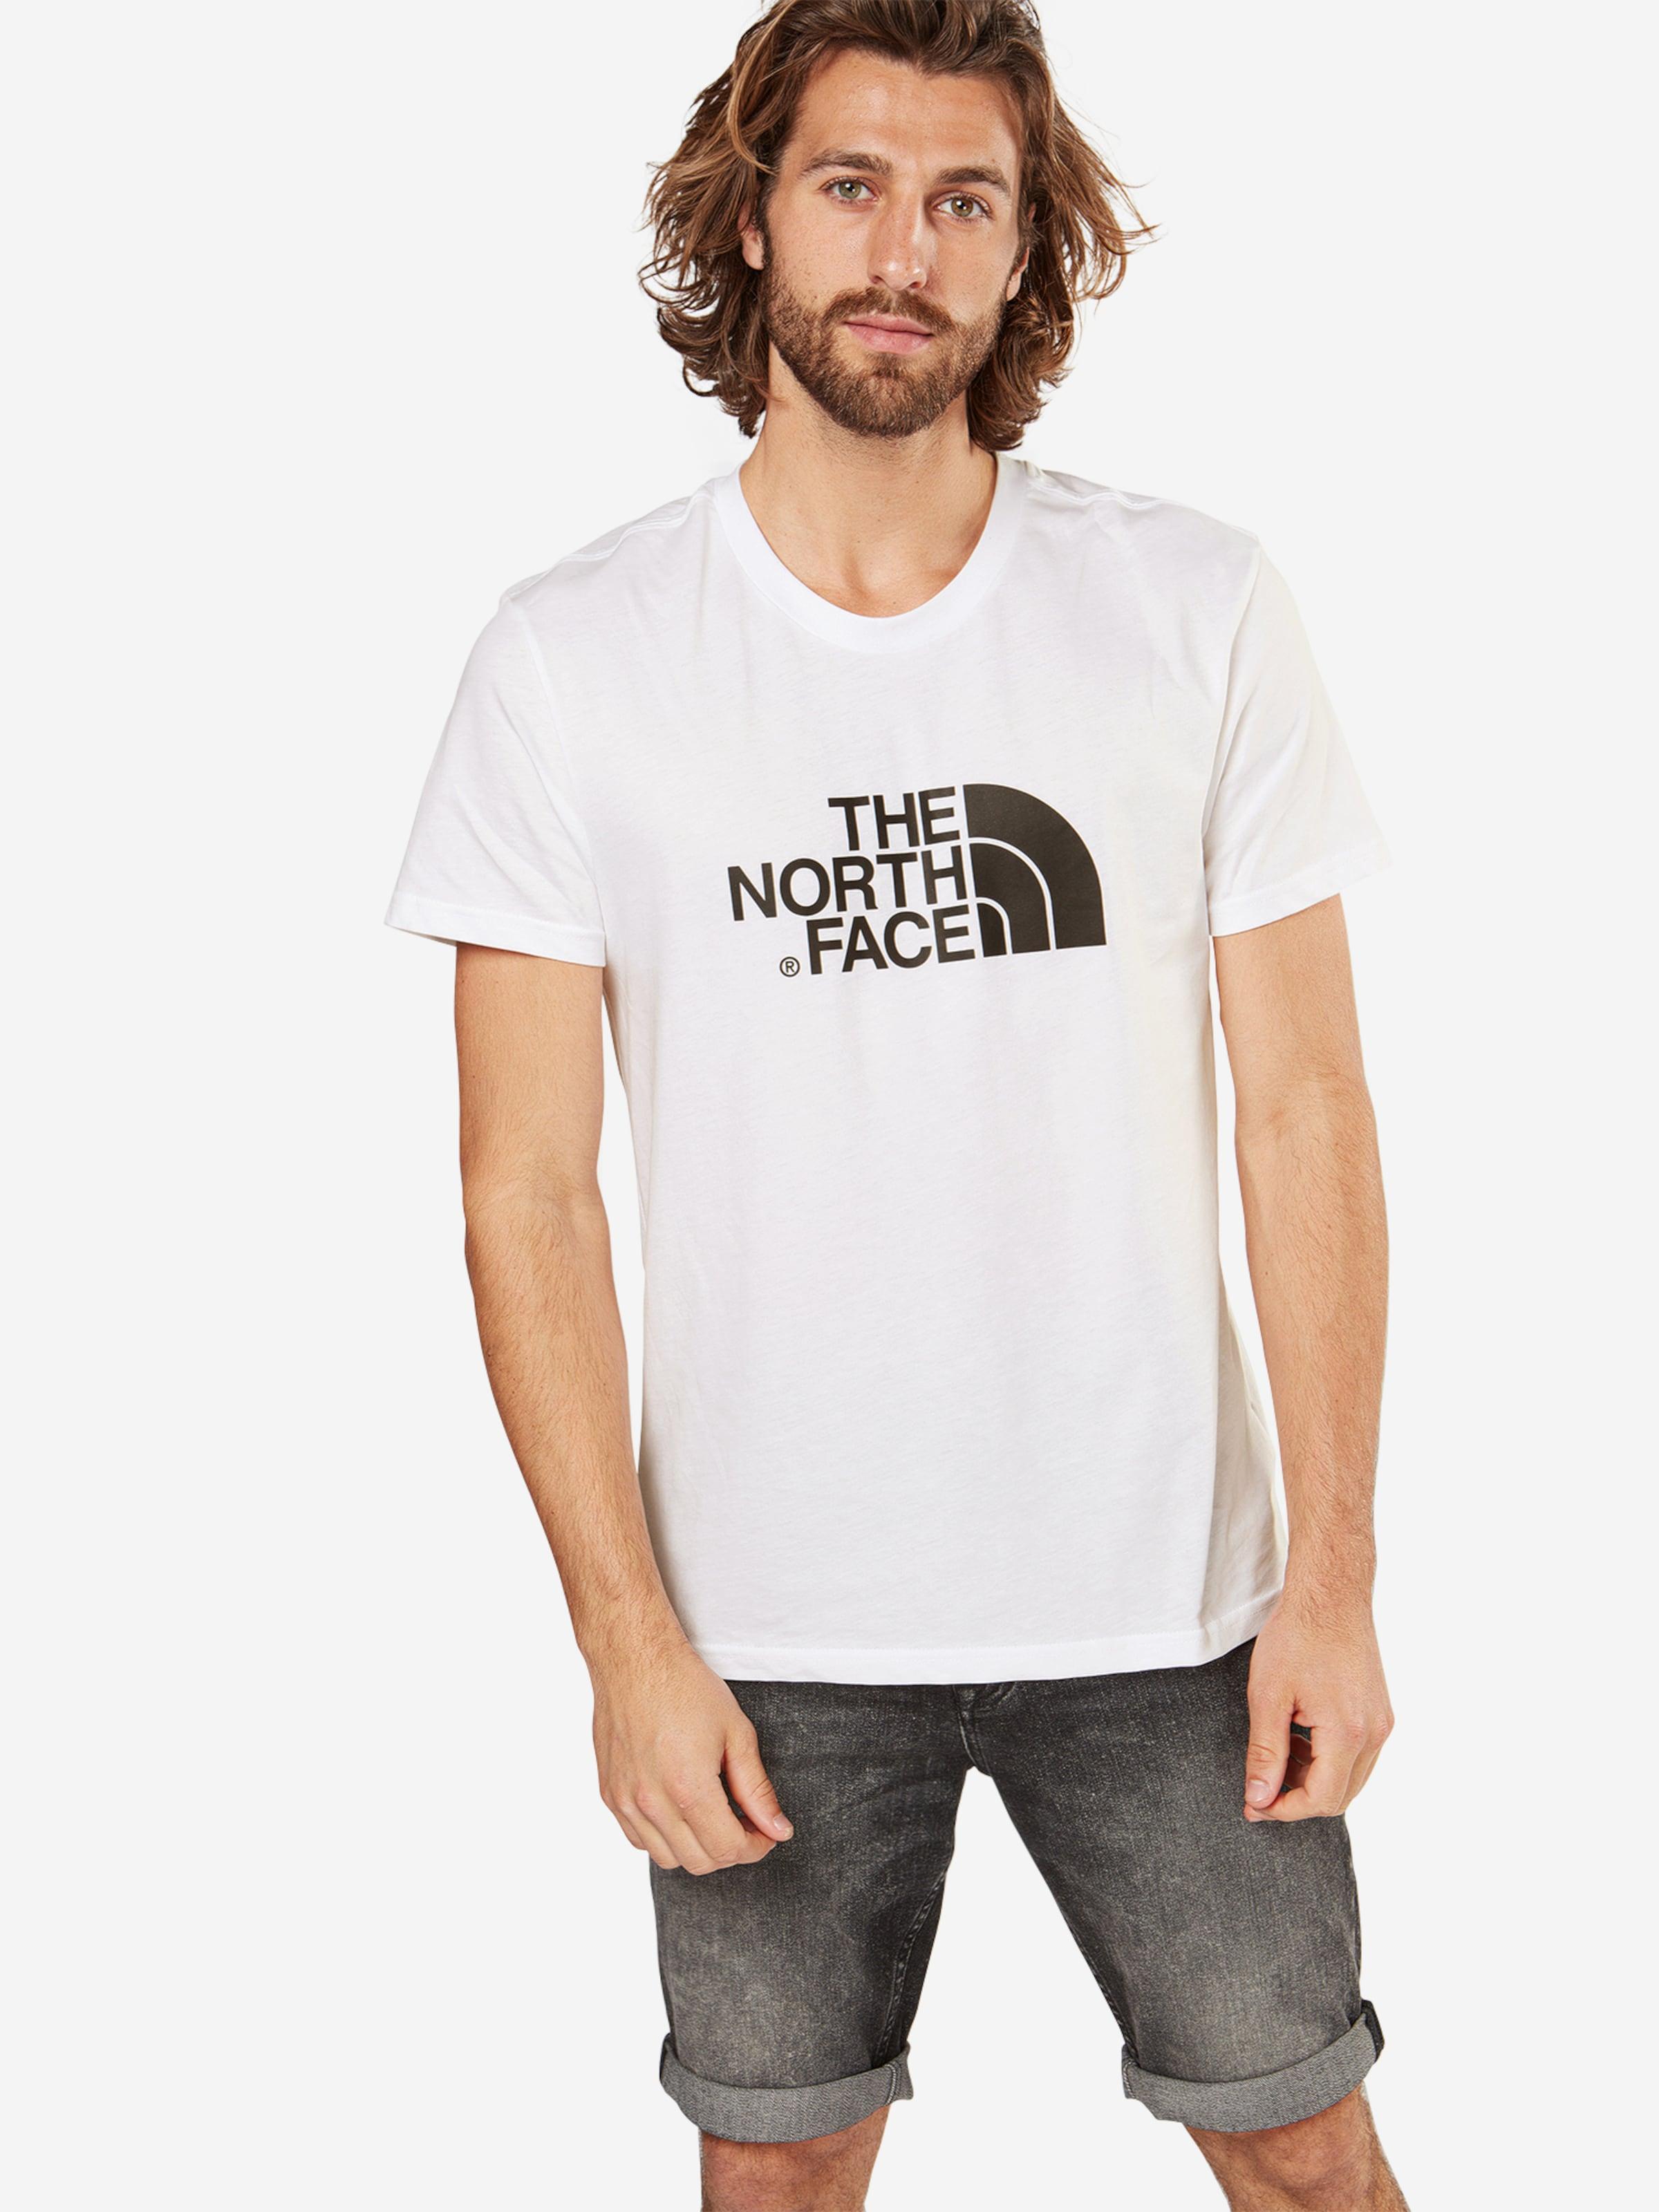 Preise Und Verfügbarkeit Für Verkauf Verkauf Erhalten Authentisch THE NORTH FACE Printshirt 'Easy' K80CX